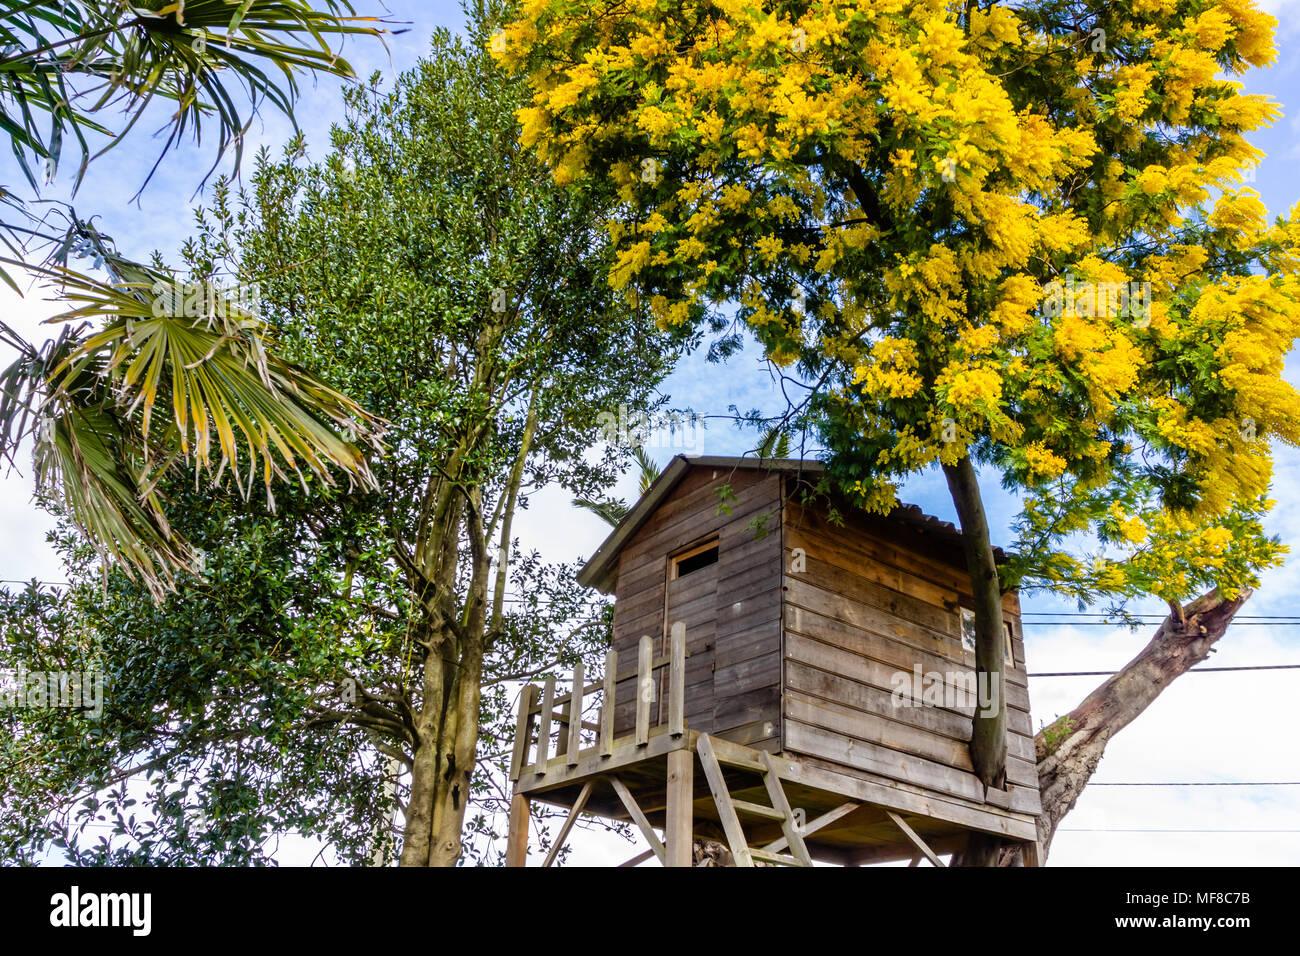 Baumhaus Fur Kinder Im Garten Stockfoto Bild 181508751 Alamy